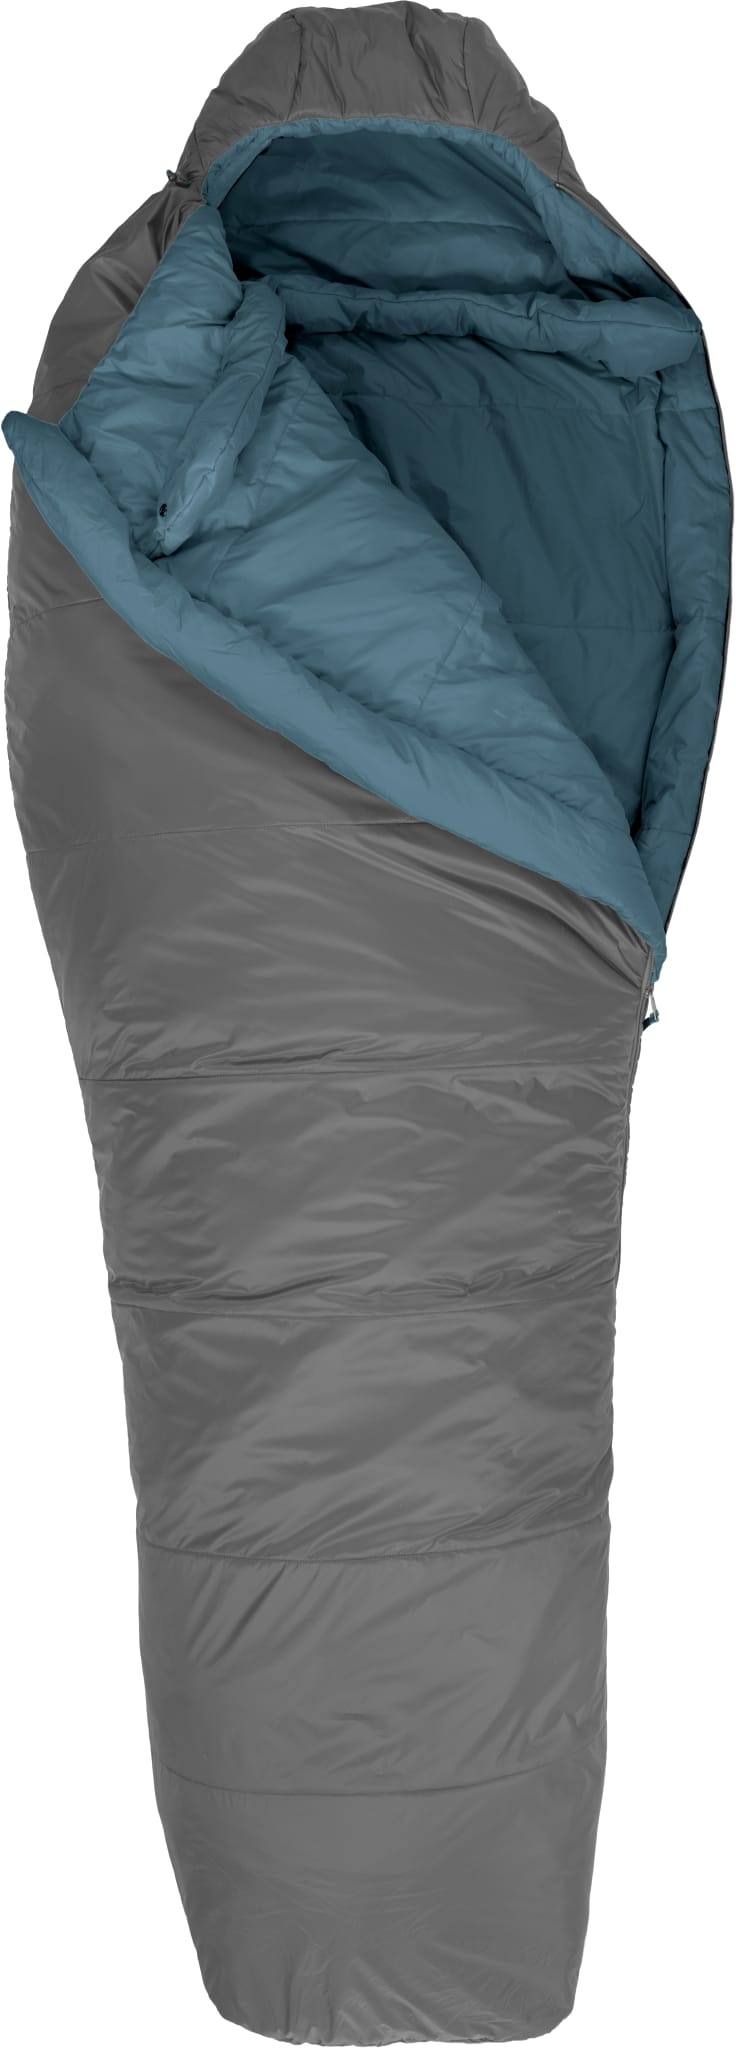 Lett og svært komfortabel syntetpose til sommerbruk